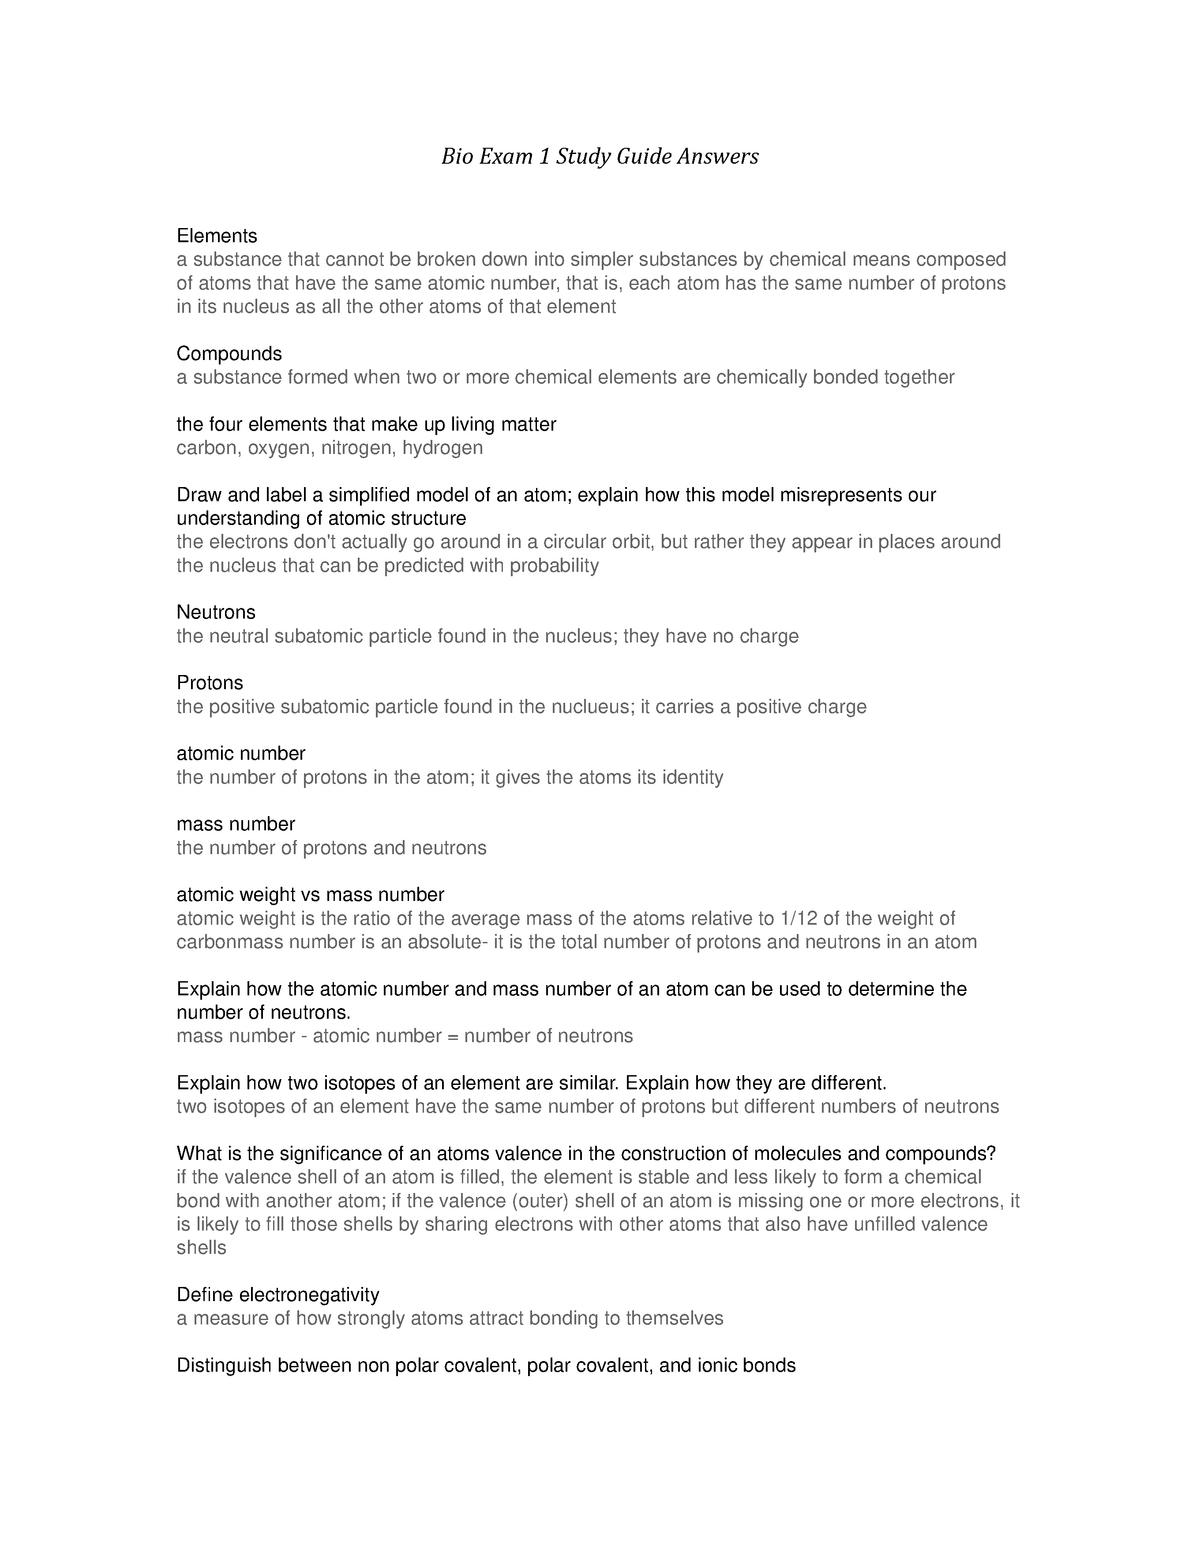 Bio 1107 Exam 1 SG - Summary Principles Of Biology I - StuDocu